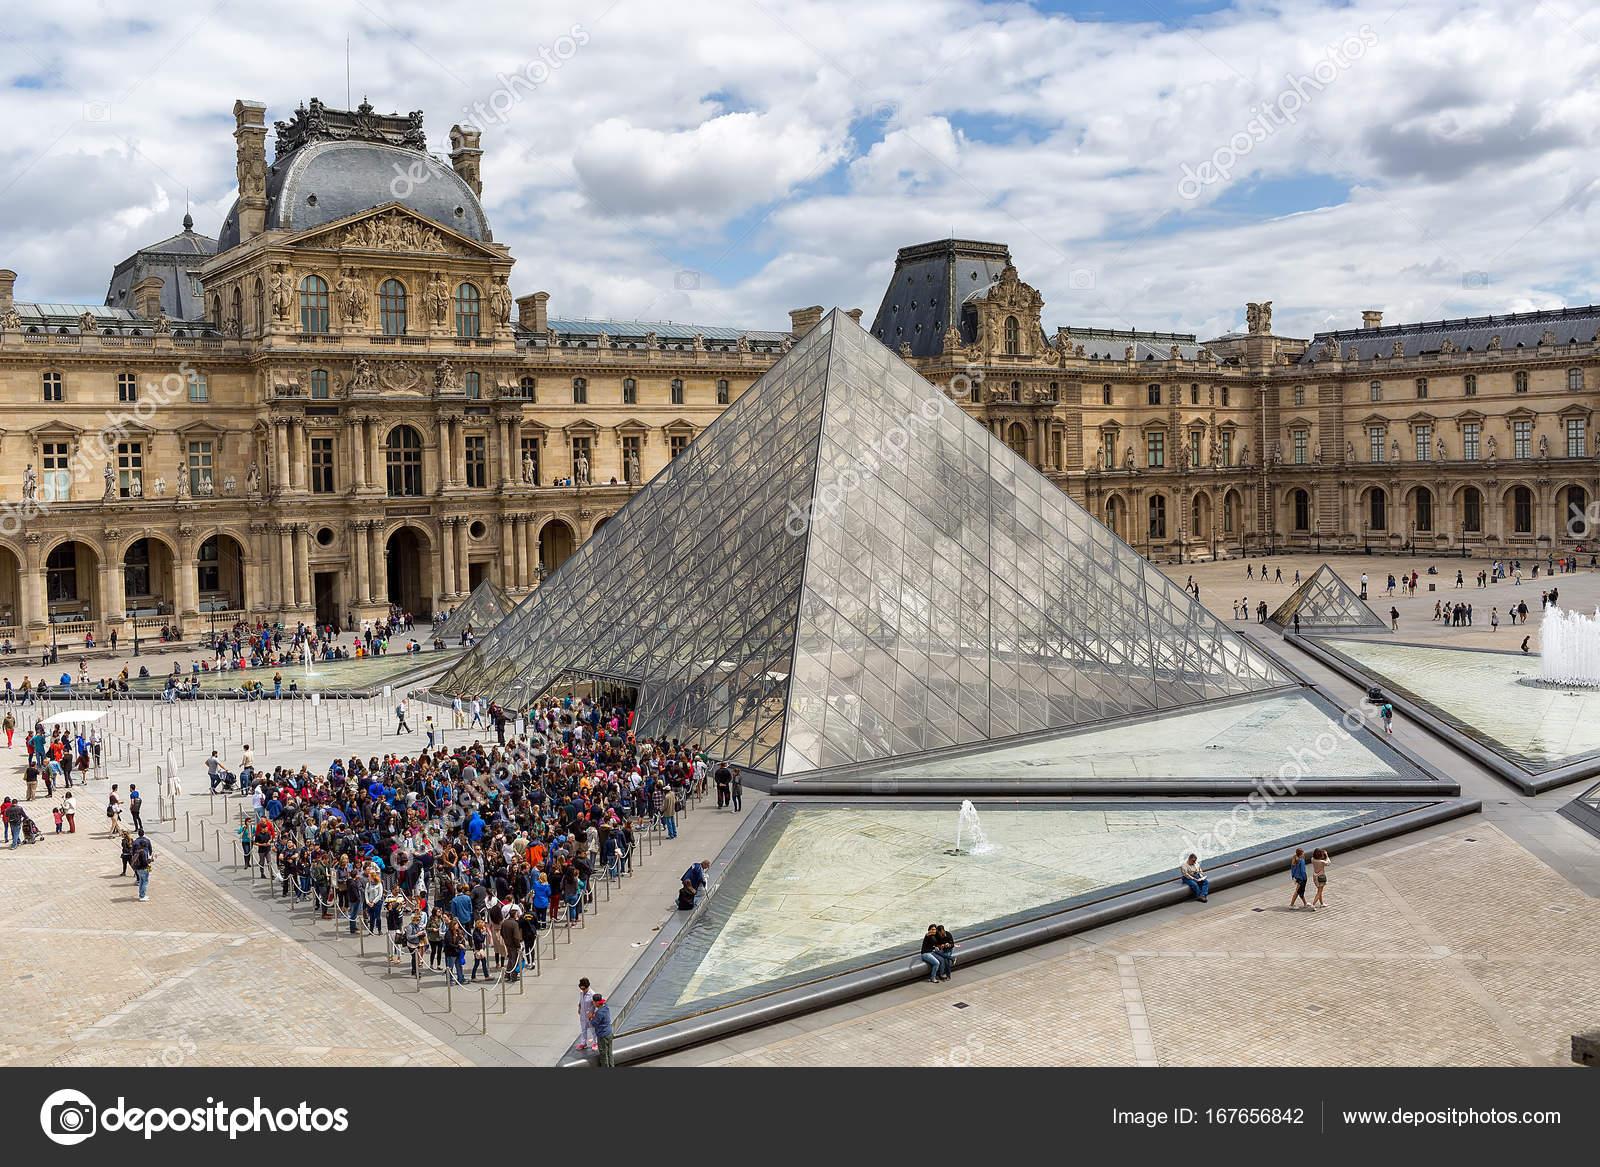 Symbolik im Allgemeinen und im weiteren Sinne - Seite 3 Depositphotos_167656842-stock-photo-louvre-buildings-and-pyramid-in